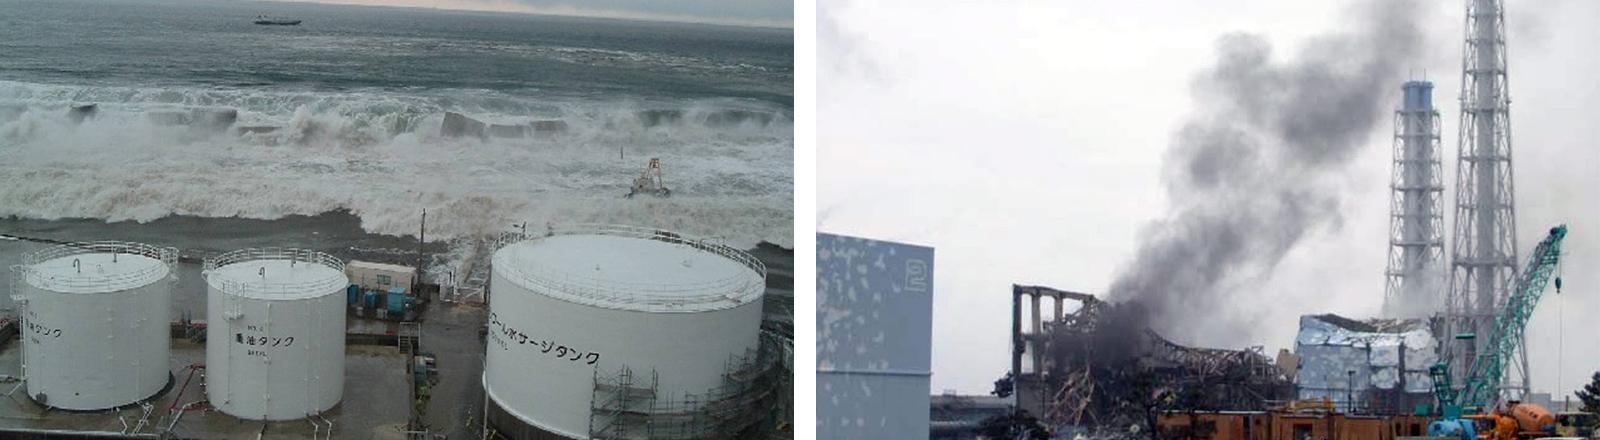 Der Tsunami rollt auf Lagerstätten für radioaktive Abfälle des Atomkraftwerks Fukushima Daiichi zu 11.03.2011). | Links: Rechts: Rauch steigt vom Reaktor 3 des Atomkraftwerks Fukushima Daiichi auf (21.03.2011).